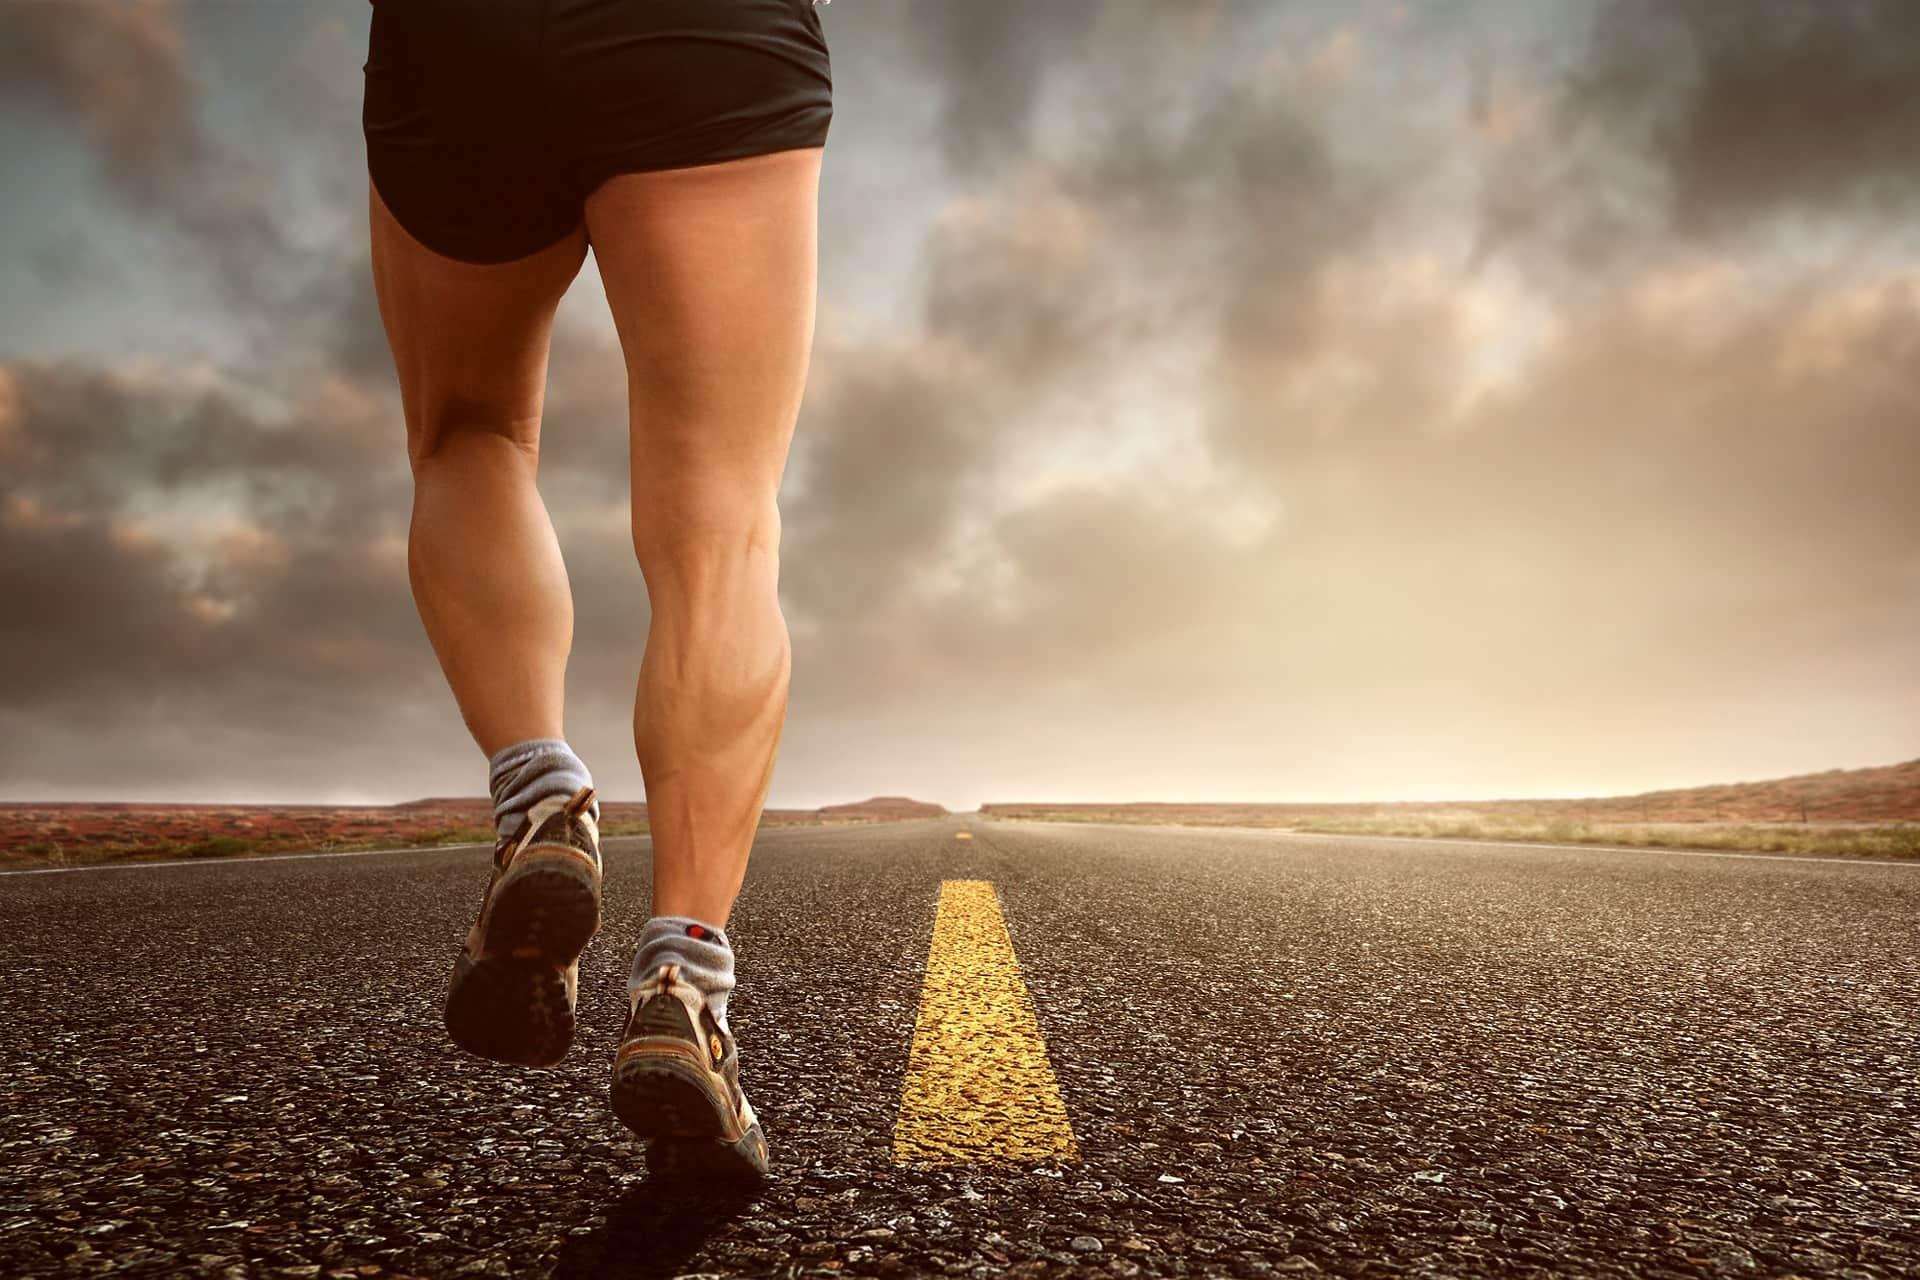 jogging-2343558_1920-1-min-1のアイキャッチ画像